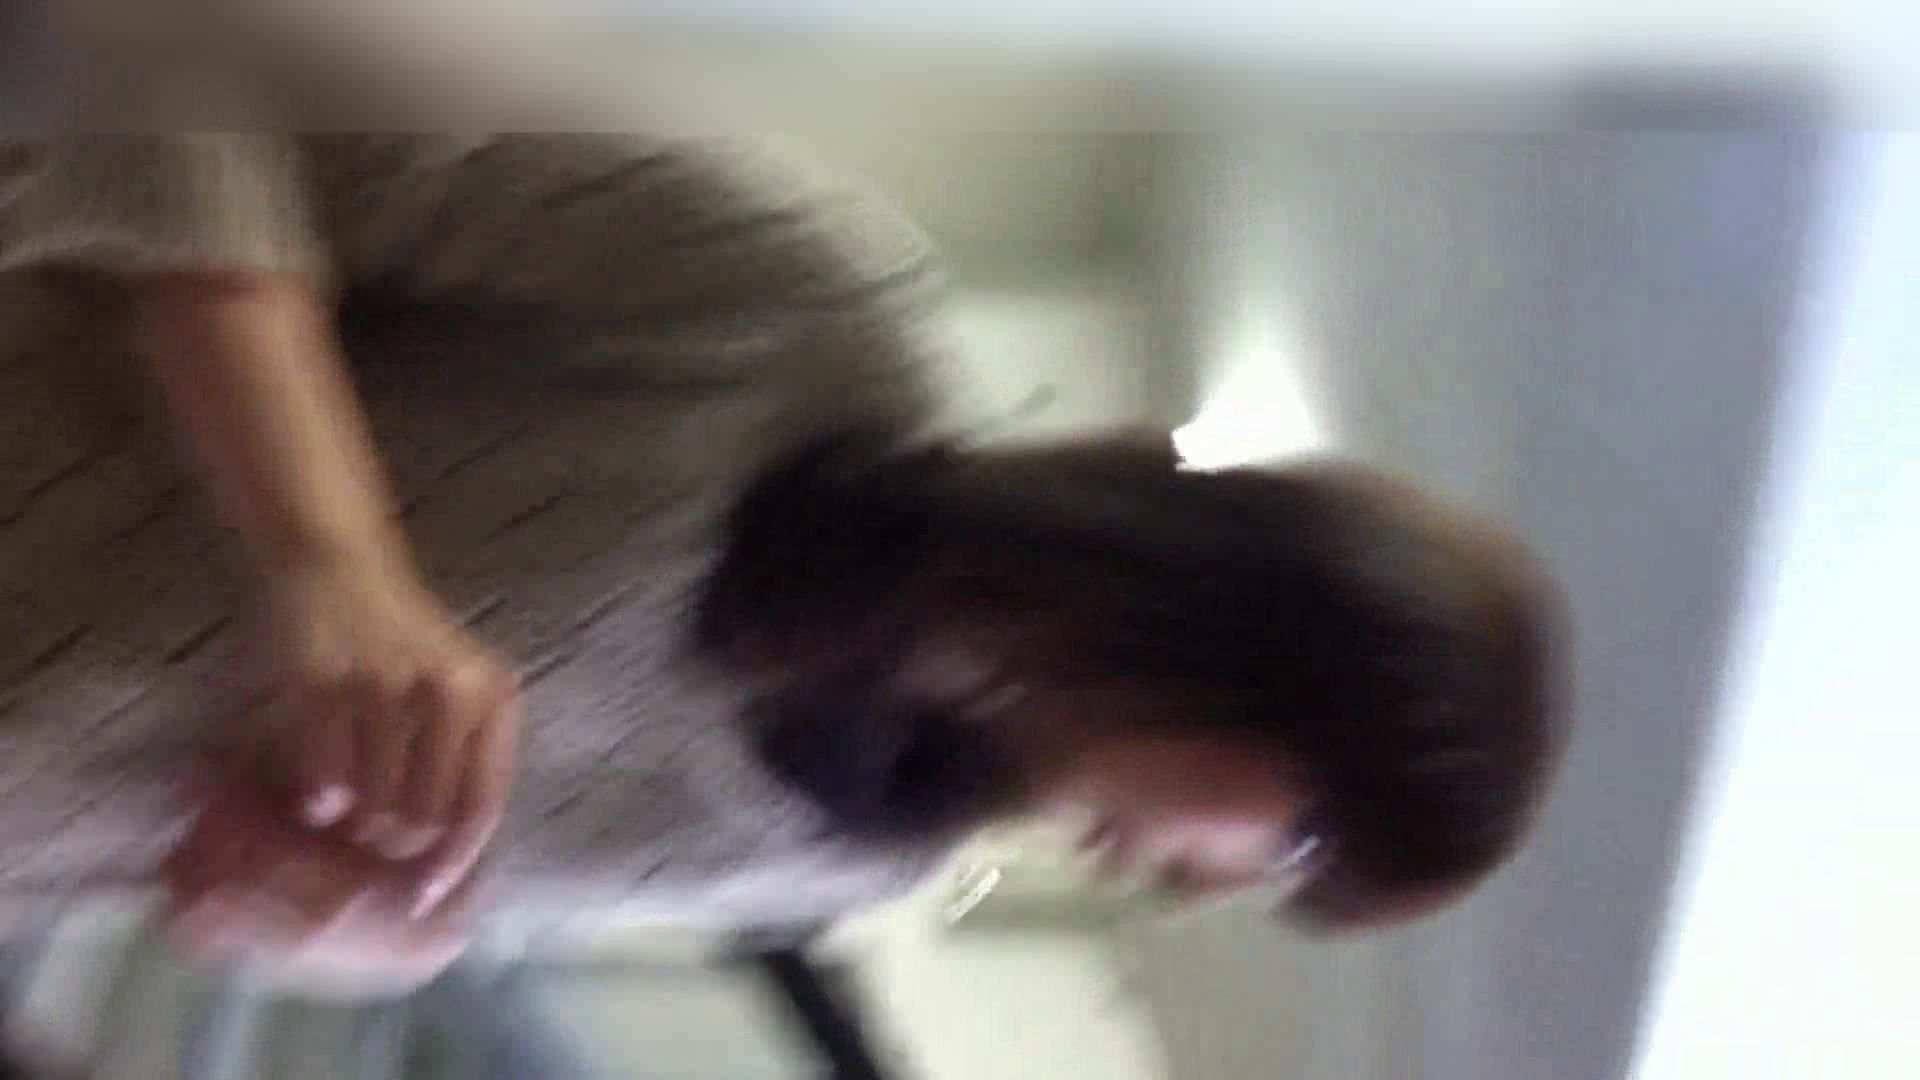 お姉さんの恥便所盗撮! Vol.10 便所内リアル画像 オメコ動画キャプチャ 62PICs 35